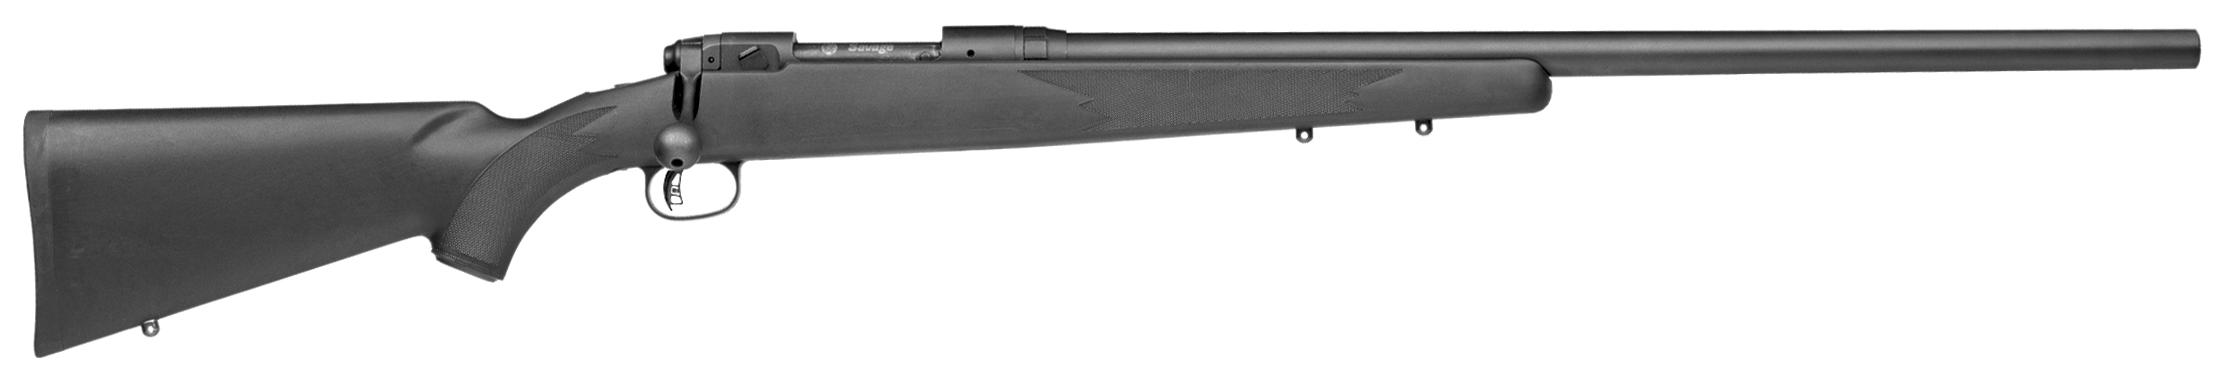 Model 10FP-LE2